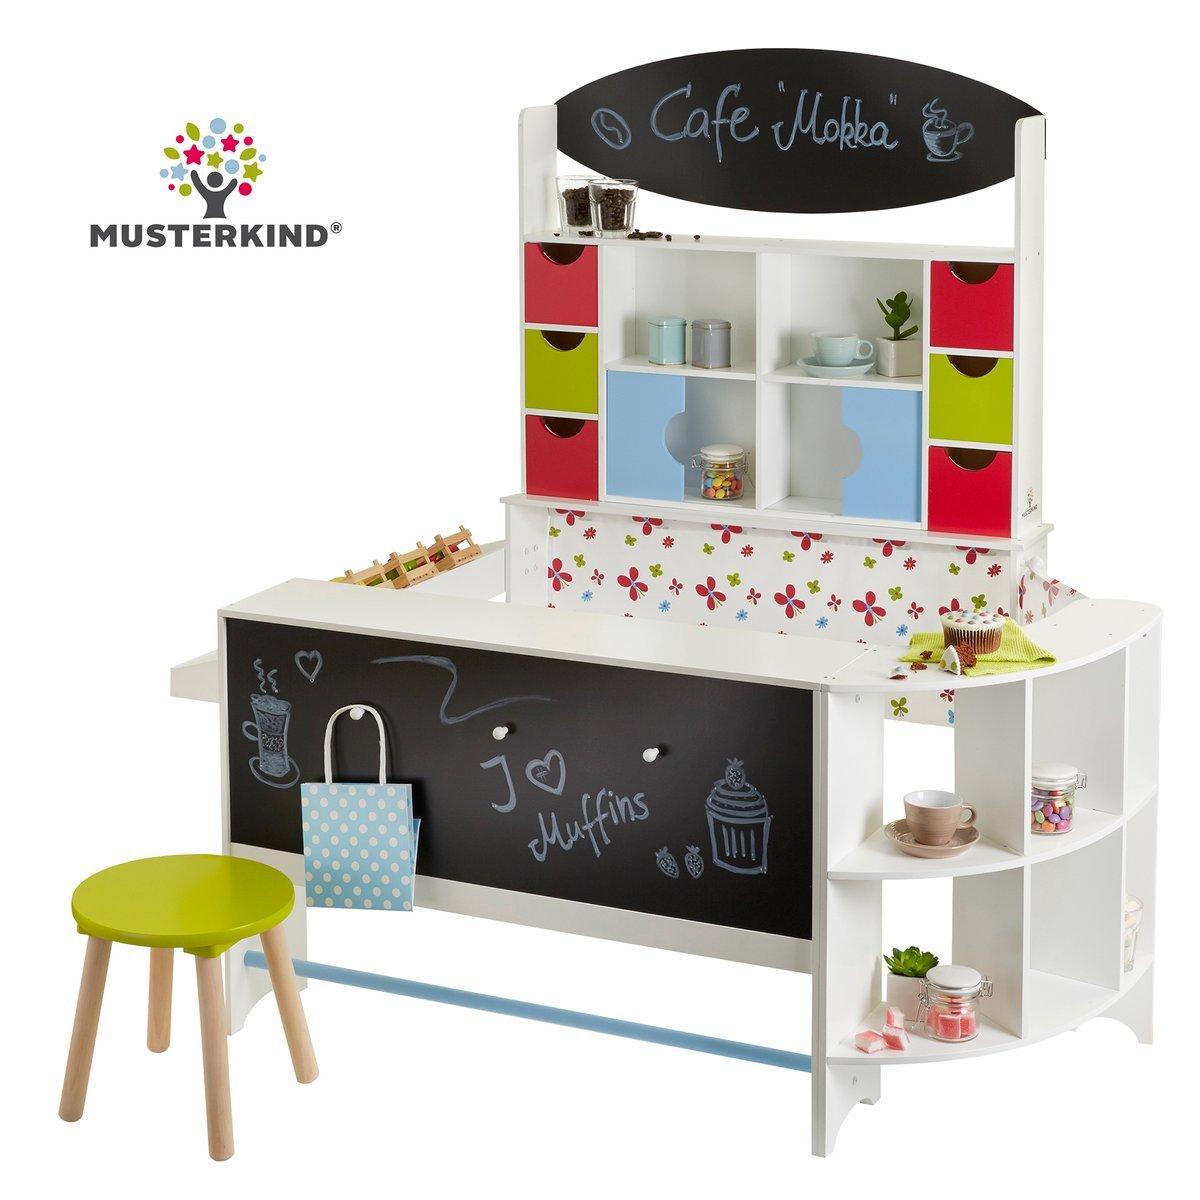 Kaufladen Holz - Musterkind Kaufmannsladen Cafe